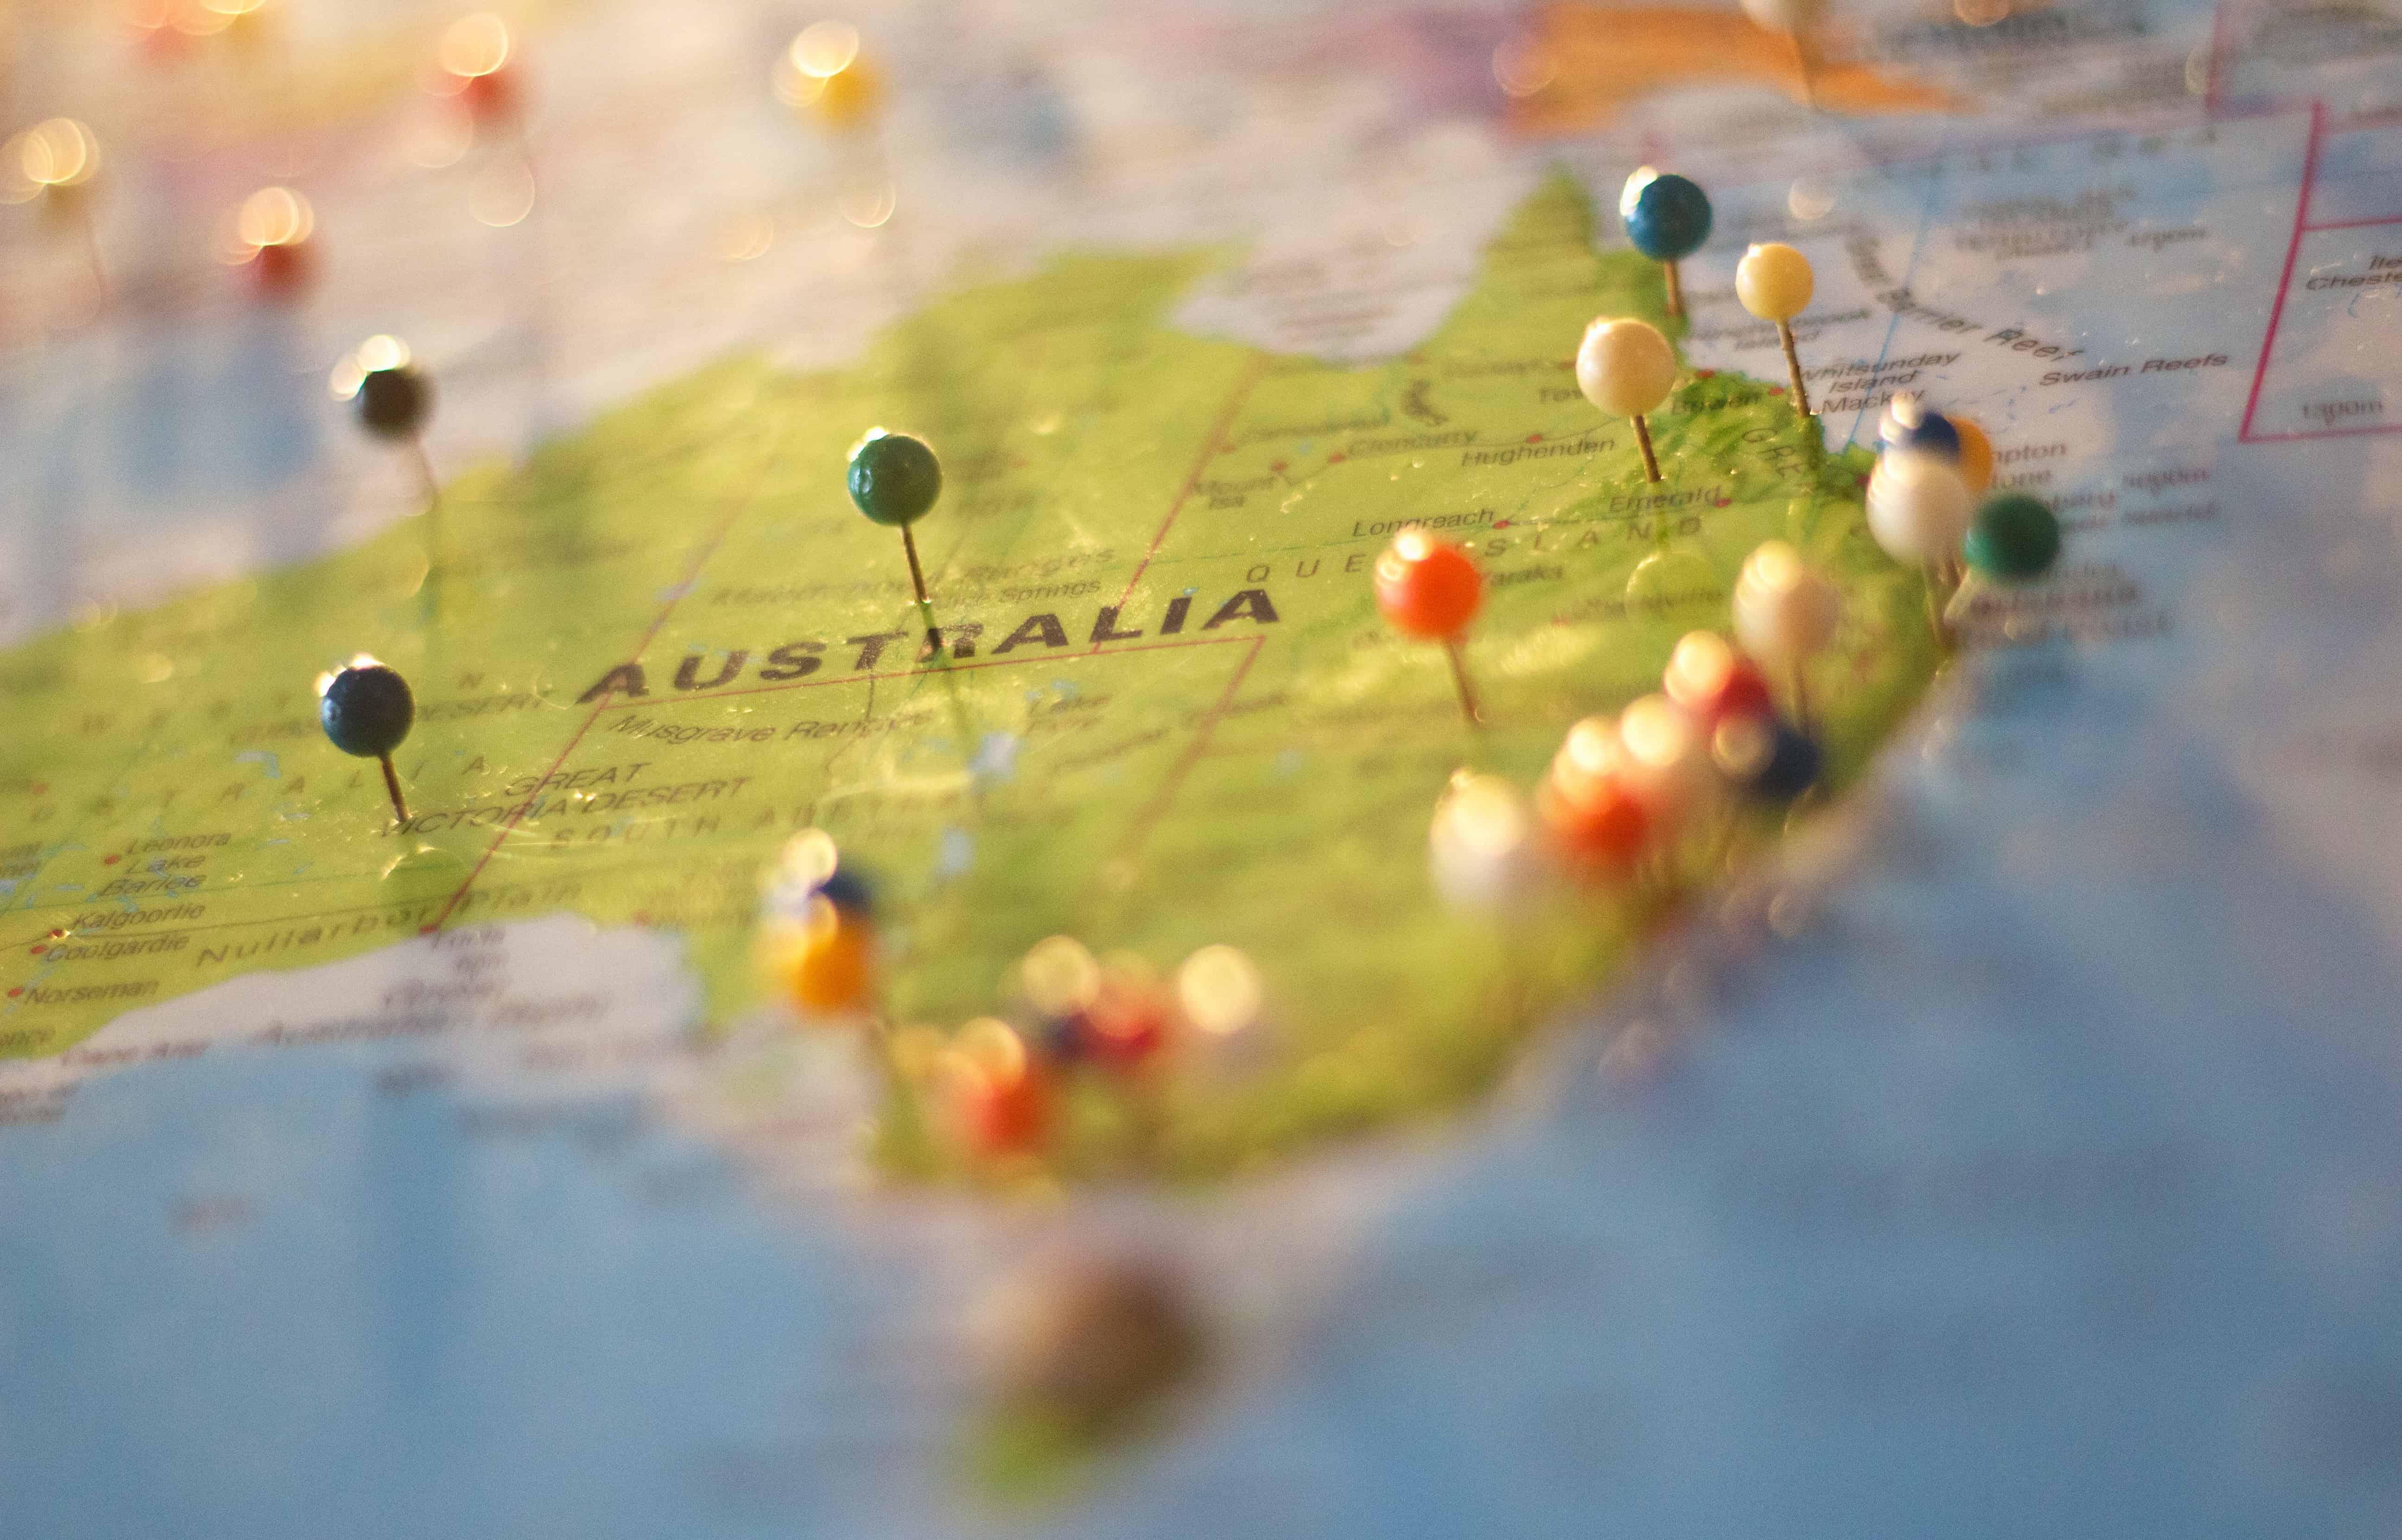 Avusturalya İş İmkanları Hangi Meslekler İçin Daha Fazla